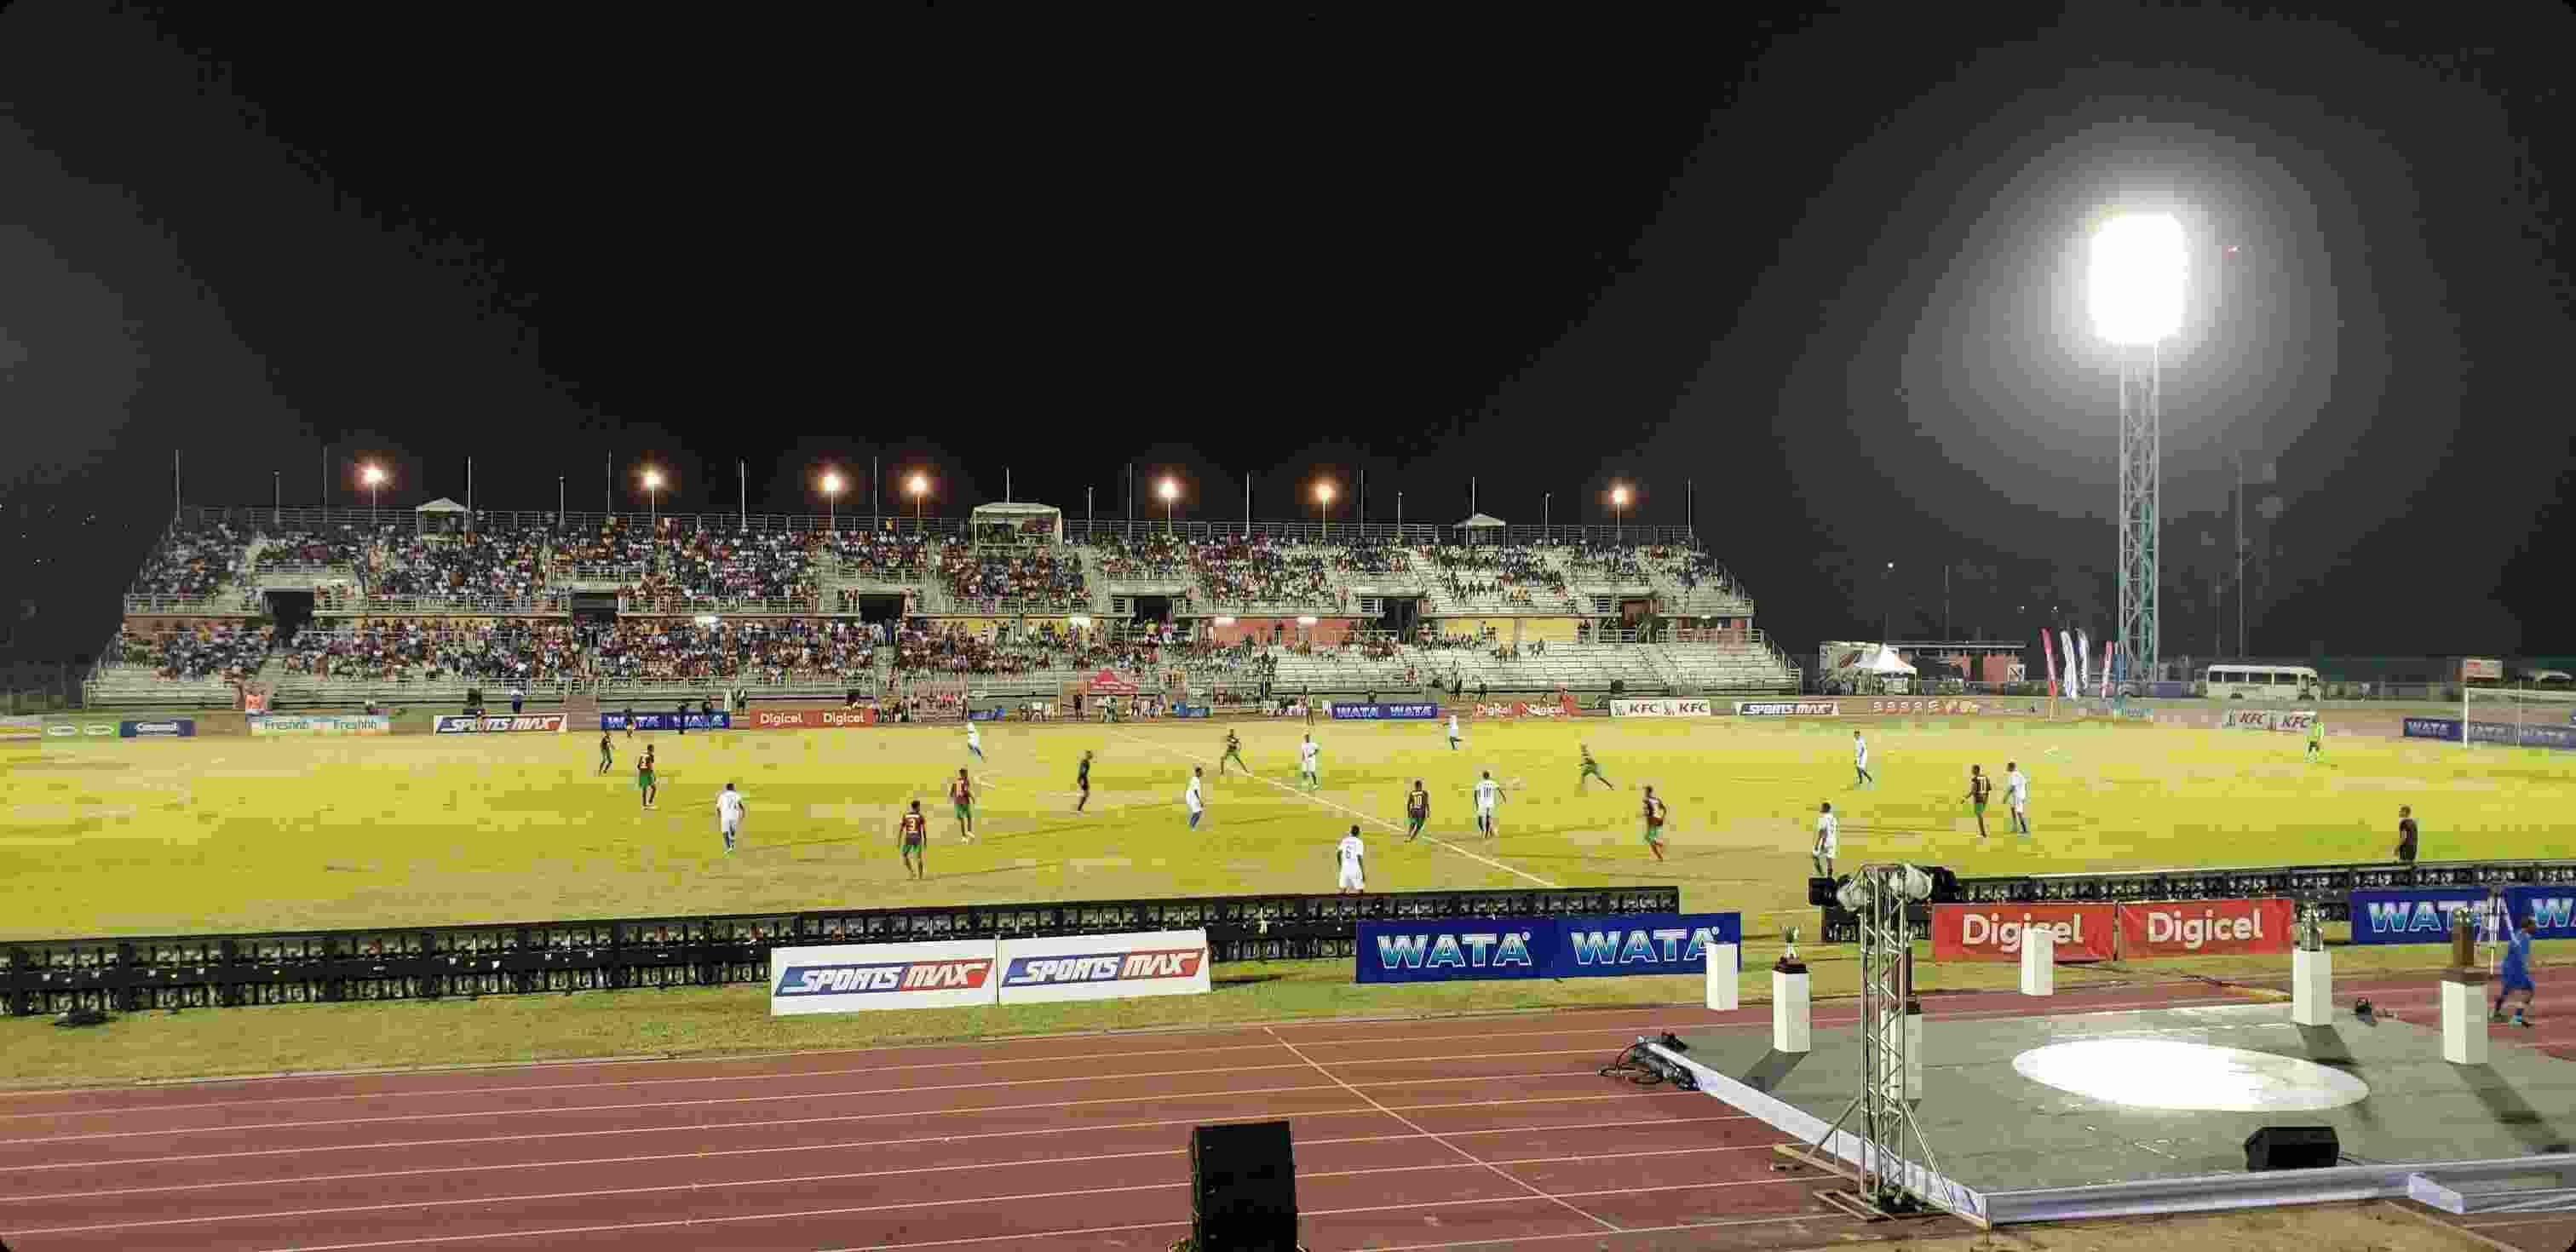 school boy football match in montego bay